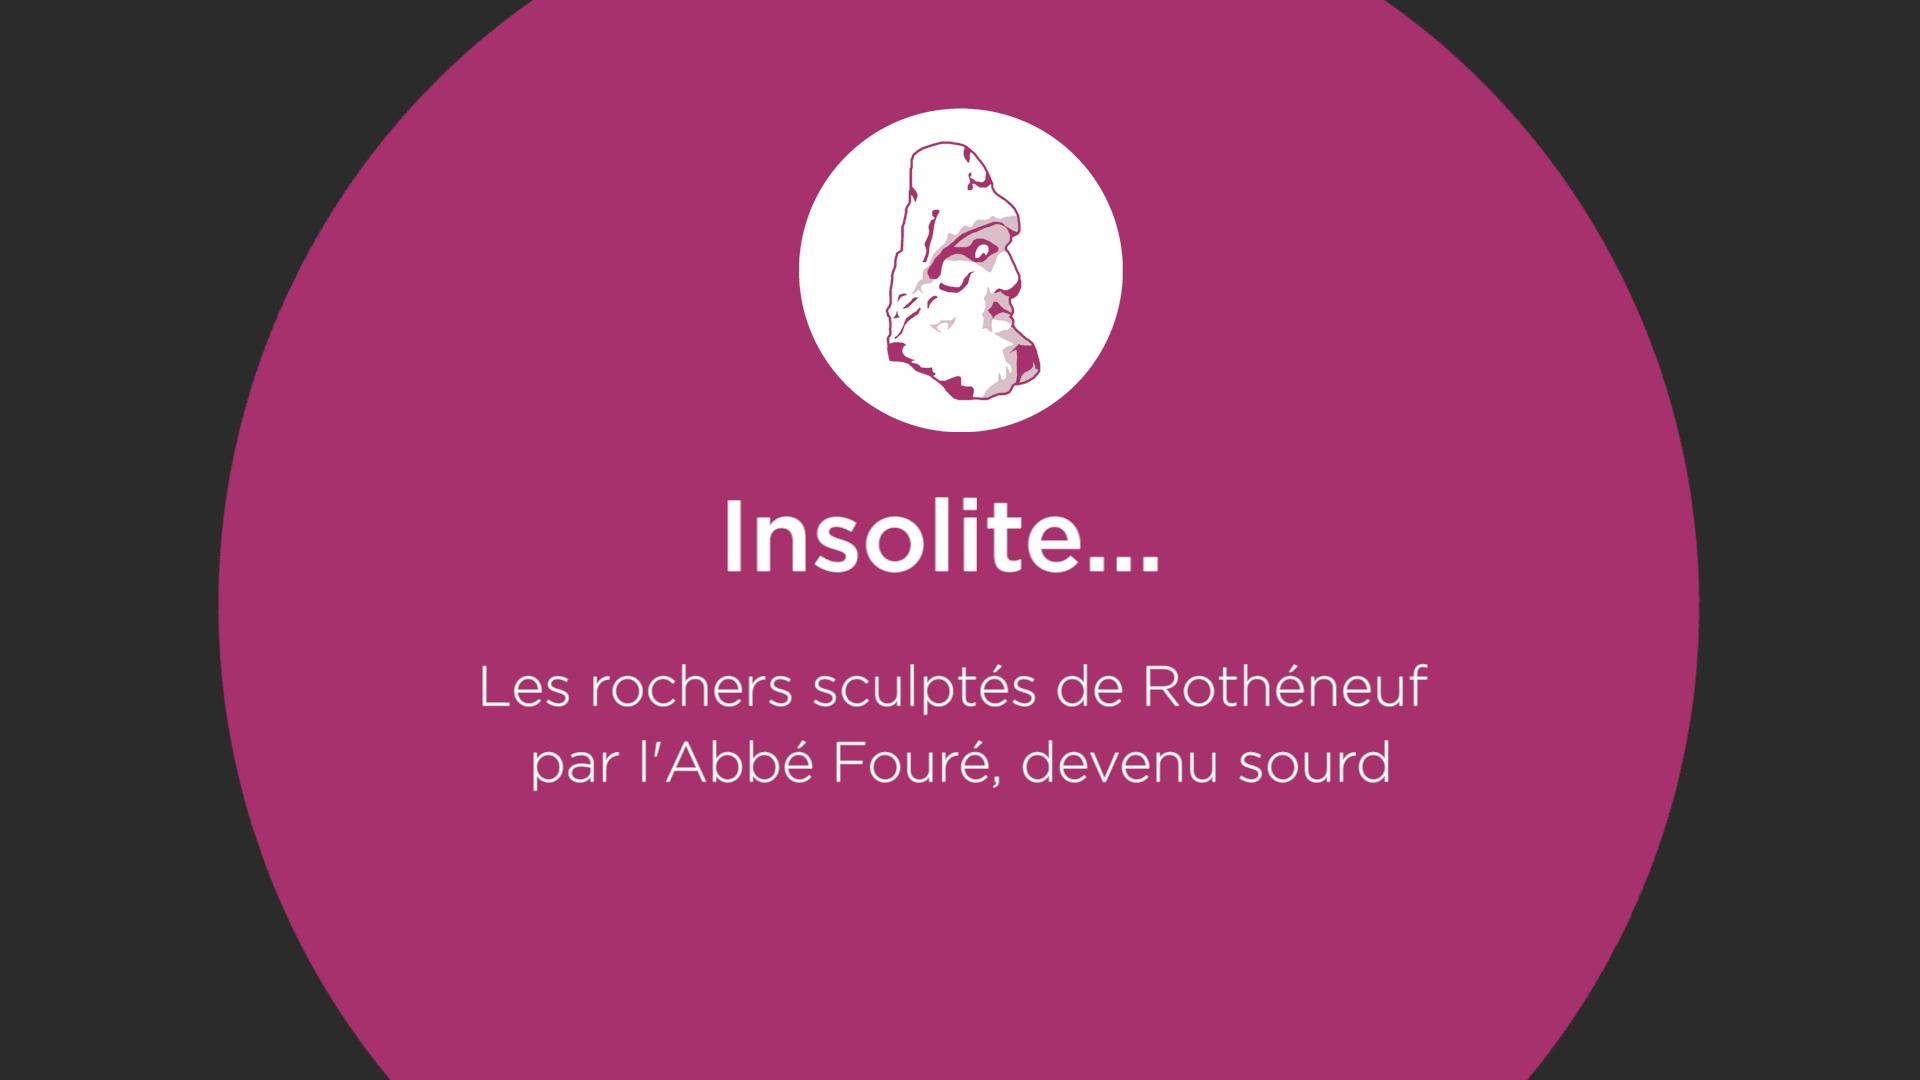 EUCO_Les_rochers_sculptés_de_Rothéneuf_par_l_Abbé_Fouré,_devenu_sourd-240519.00_00_08_12.Still002